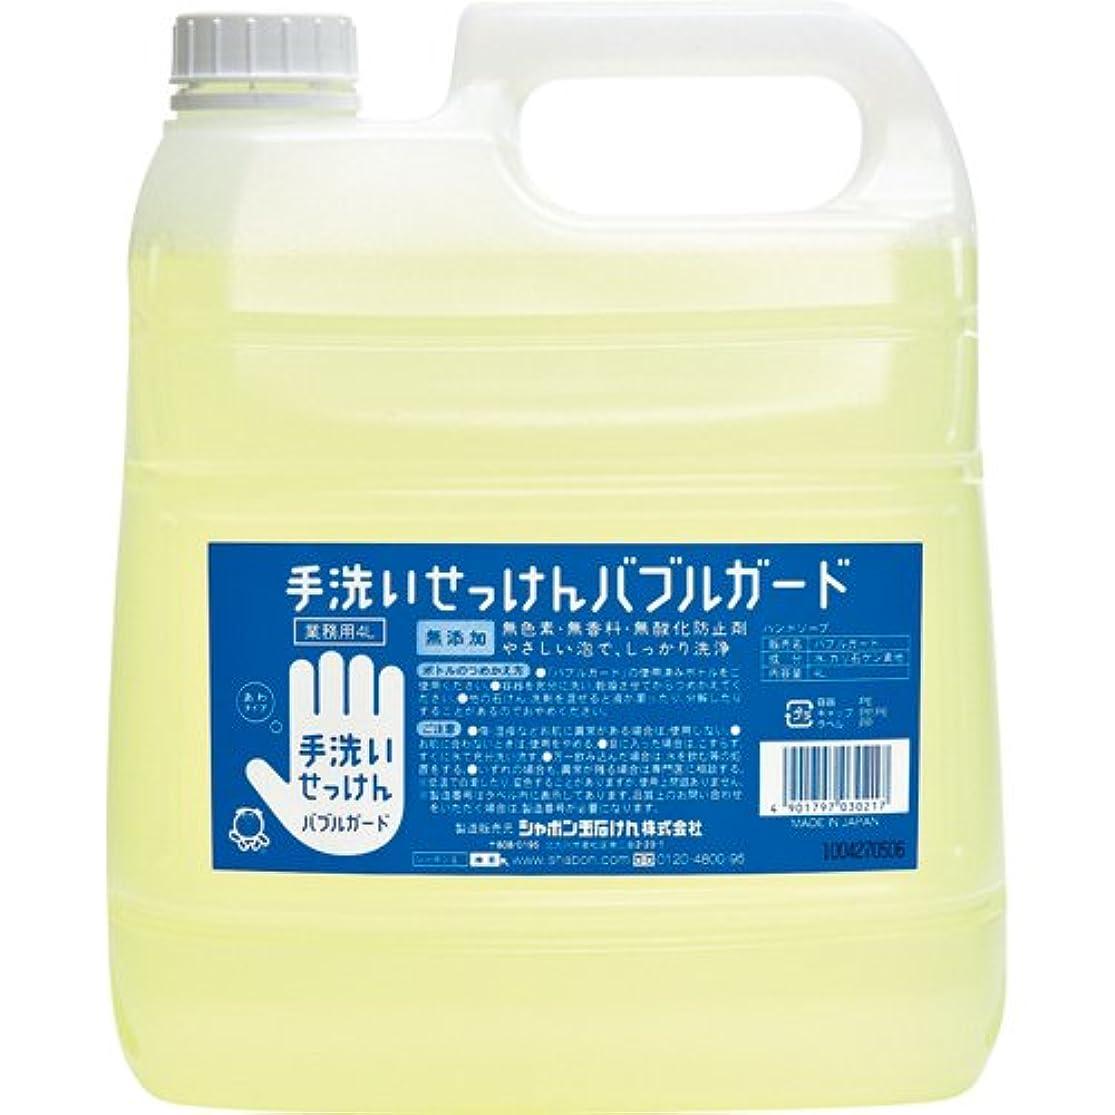 一時解雇する鮮やかな恋人[シャボン玉石けん 1692542] (ケア商品)手洗いせっけん バブルガード 泡タイプ 業務用 4L